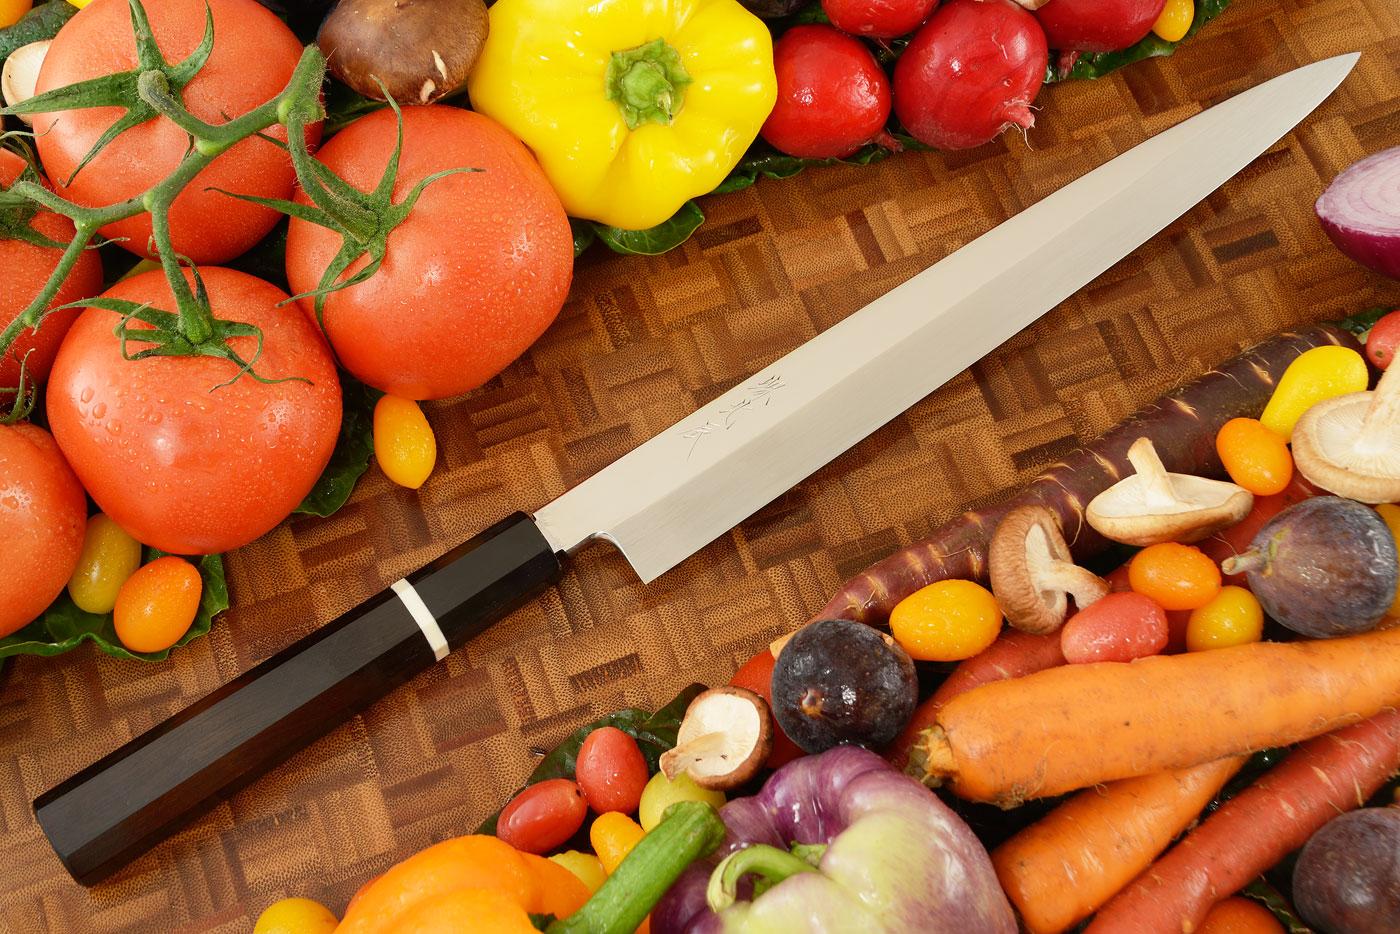 Honyaki Slicing Knife - Yanagiba, 270mm (10-2/3 in)